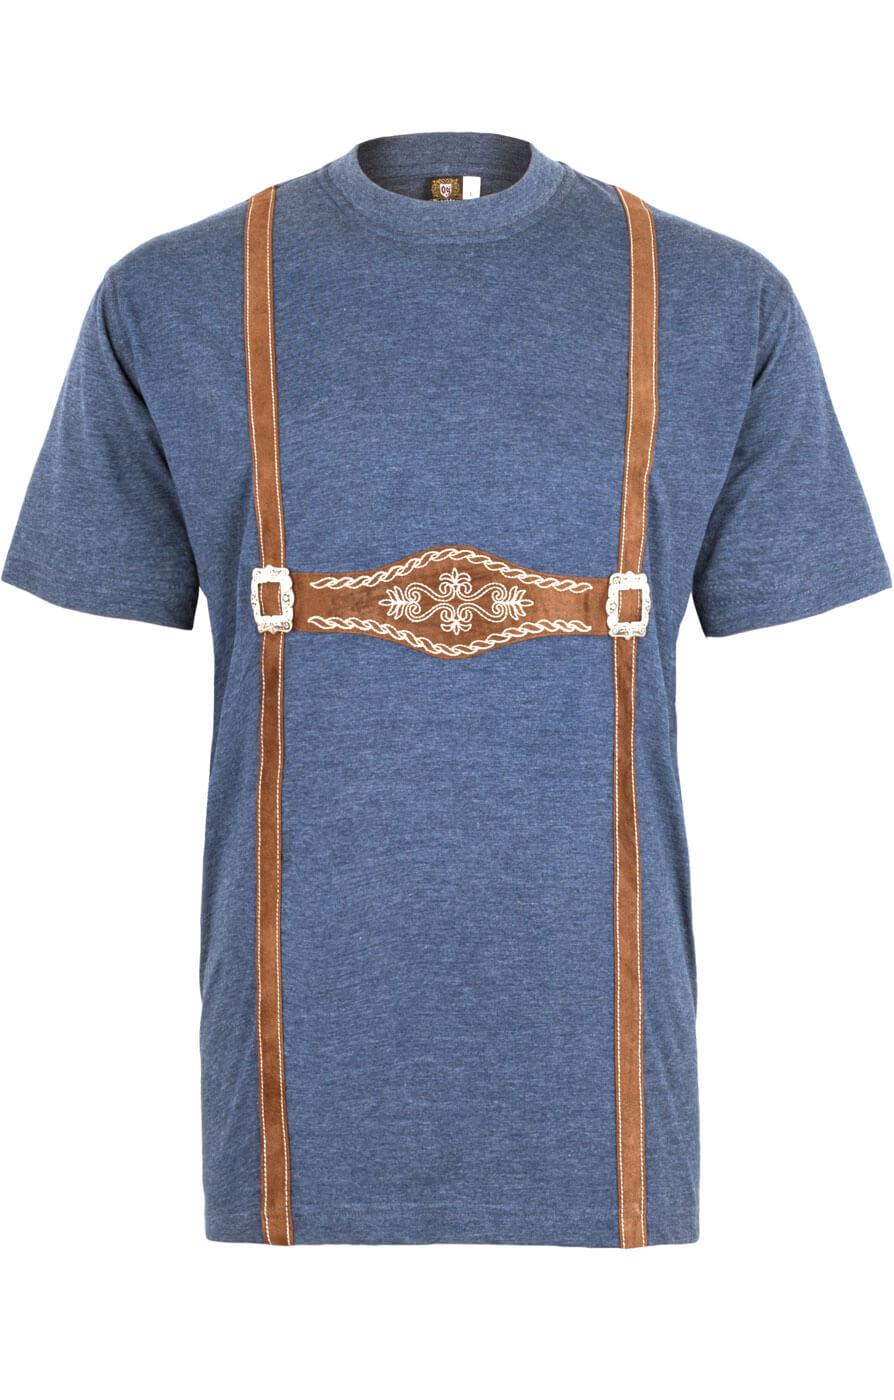 weitere Bilder von Trachtenshirt T-Shirt 928001-3460-42blauw